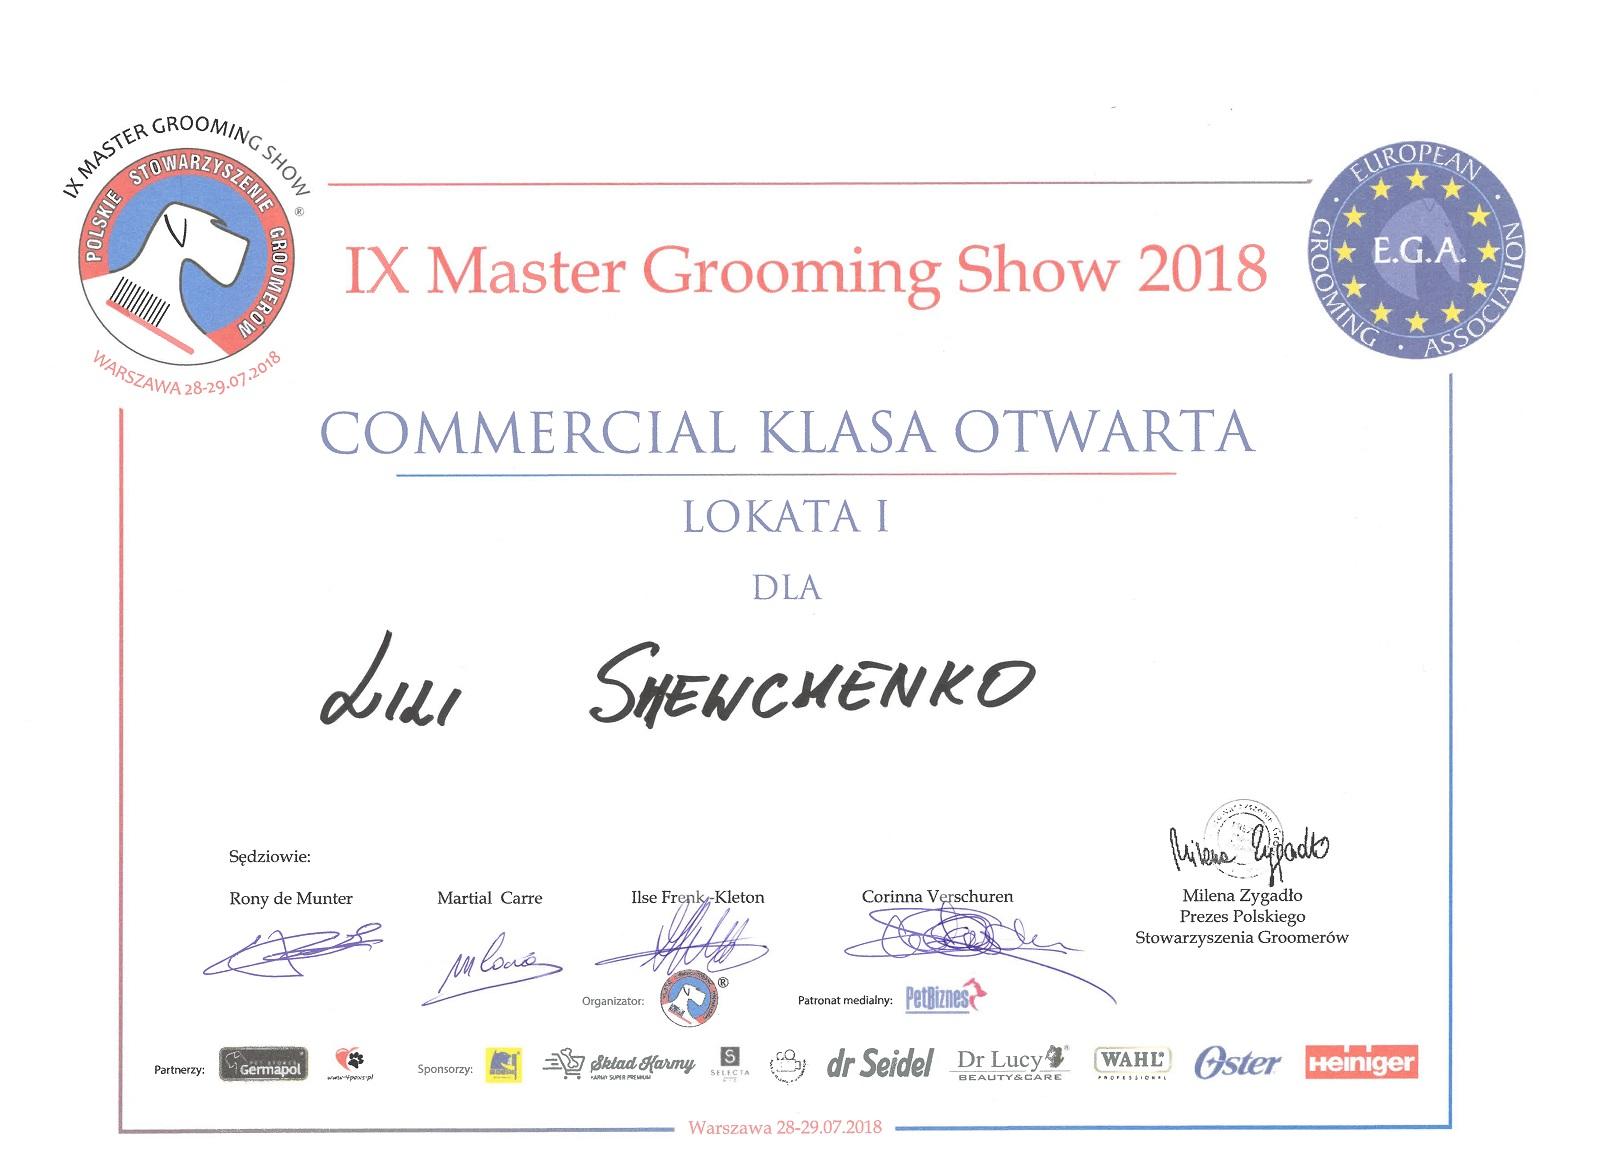 Pierwsze miejsce w Kategorii Commercial na Międzynarodowym Konkursie Master Grooming Show Warszawa 2018